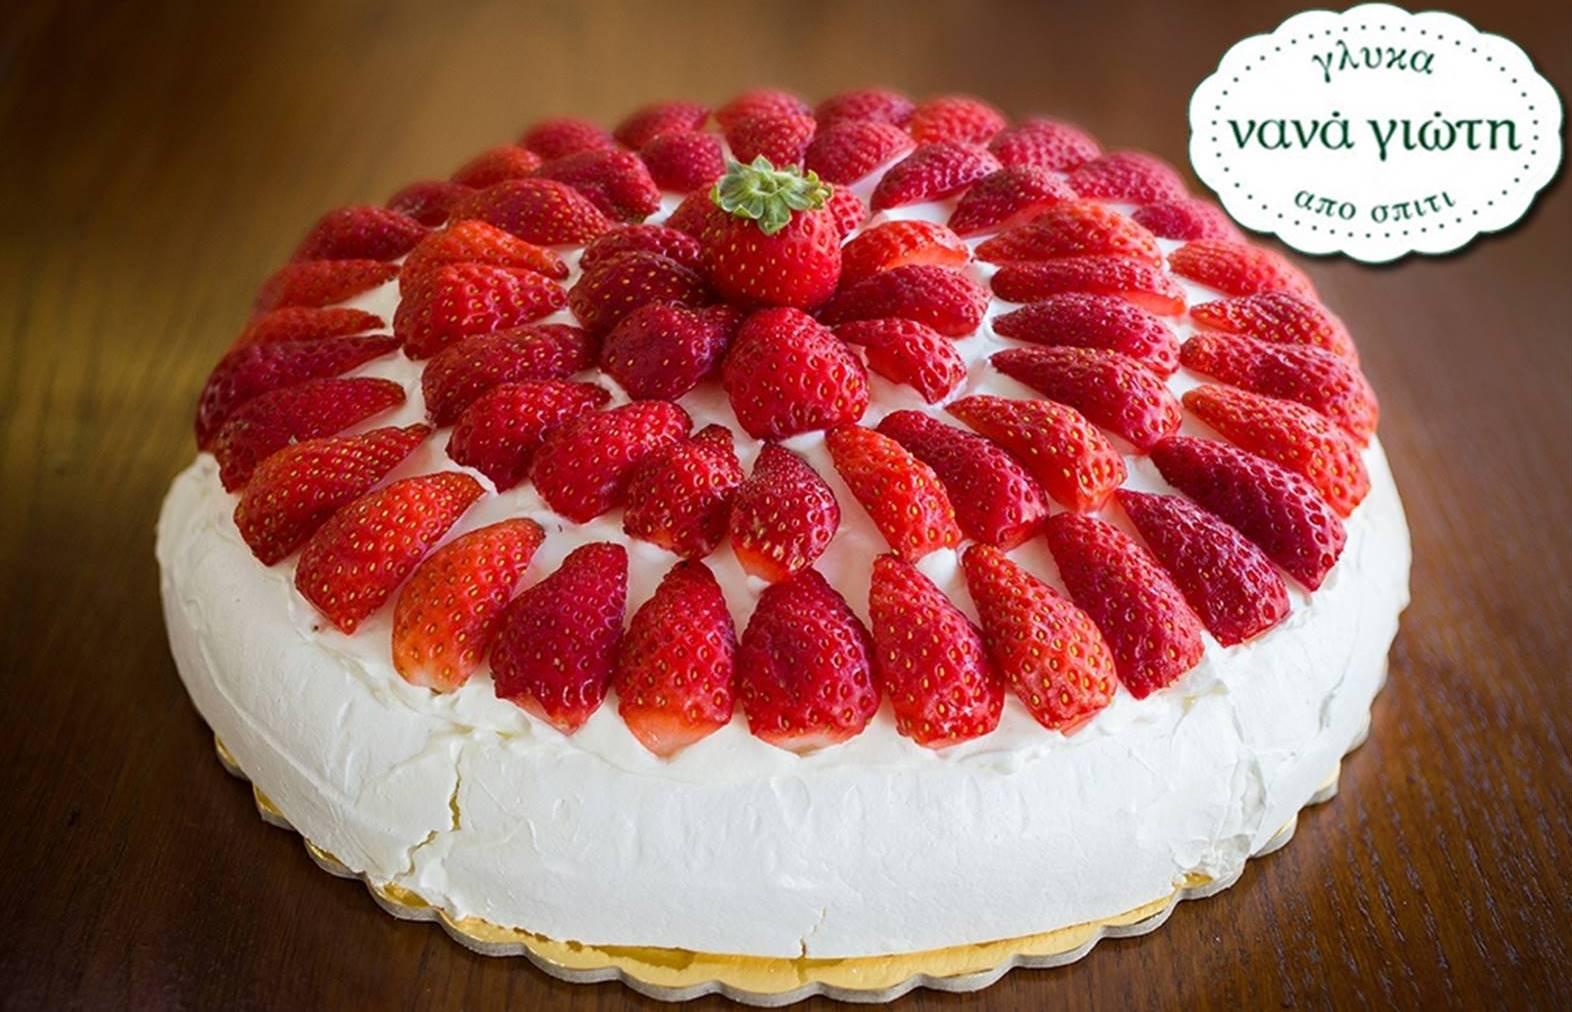 15€ από 25€ για τη φημισμένη τούρτα Pavlova (8 έως 10 ατόμων) των ζαχαροπλαστείων ''Νανά Γιώτη'' με επιλογή από 5 γεύσεις, σε Βριλήσσια & Χαλάνδρι